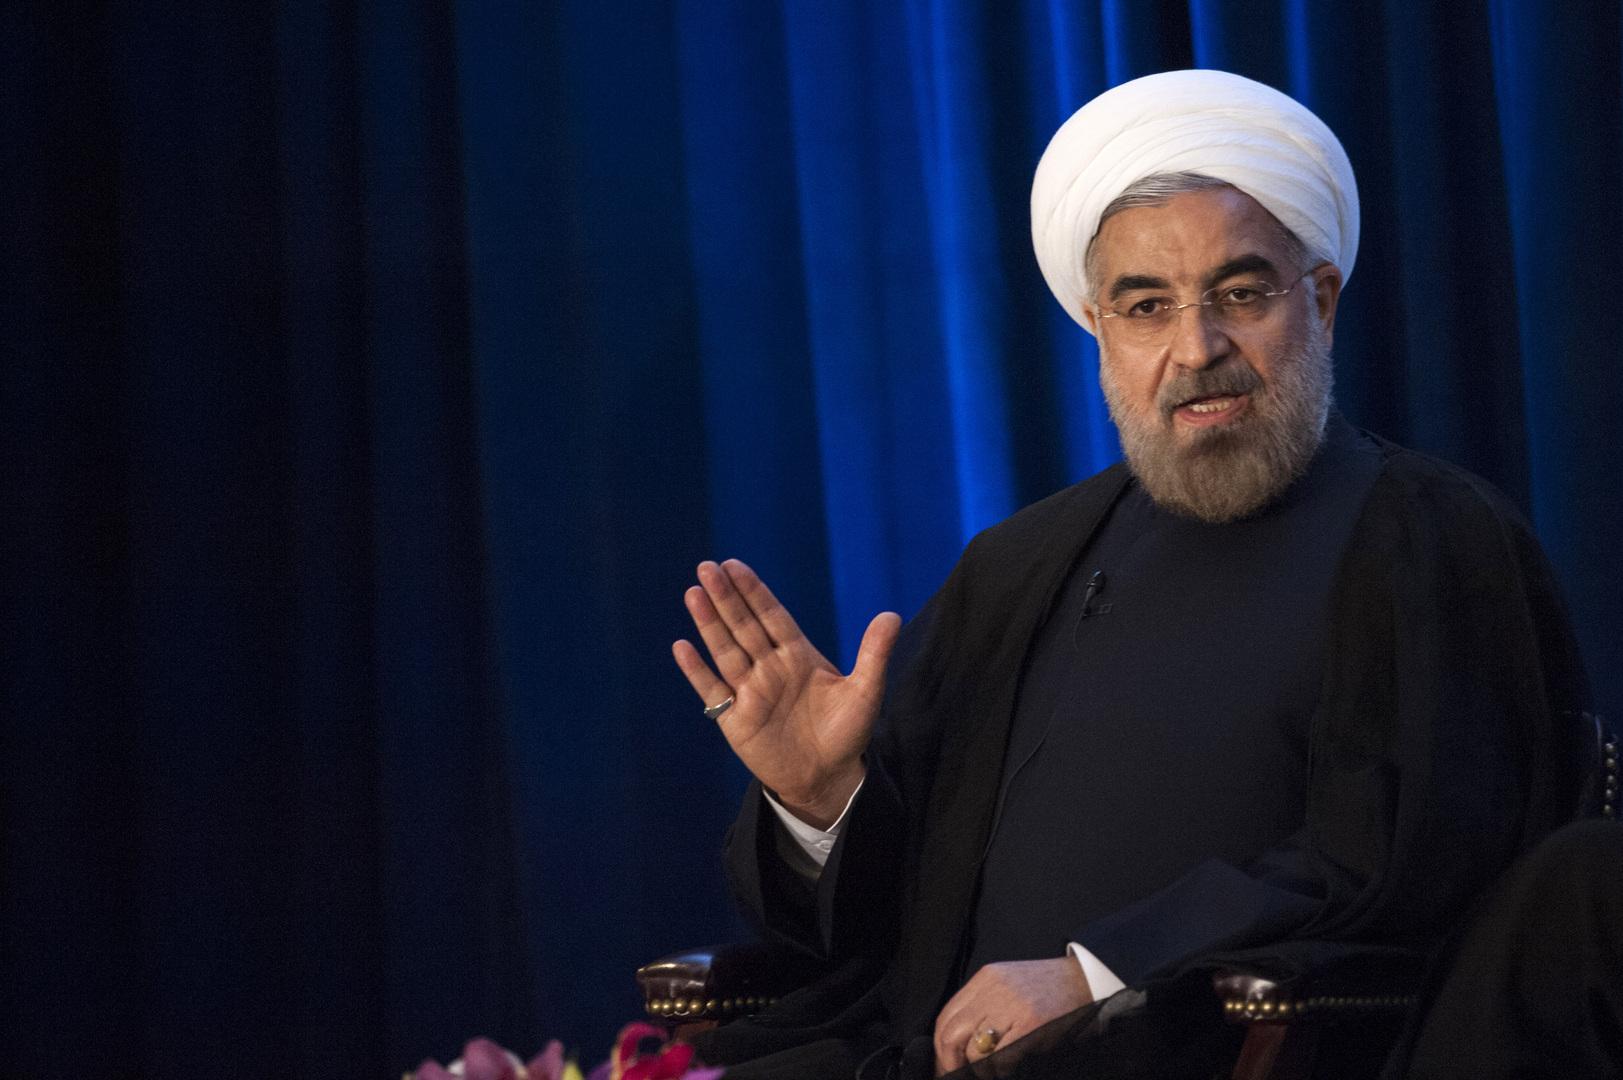 روحاني: نسعى لزيادة التبادل التجاري مع العراق إلى 20 مليار دولار